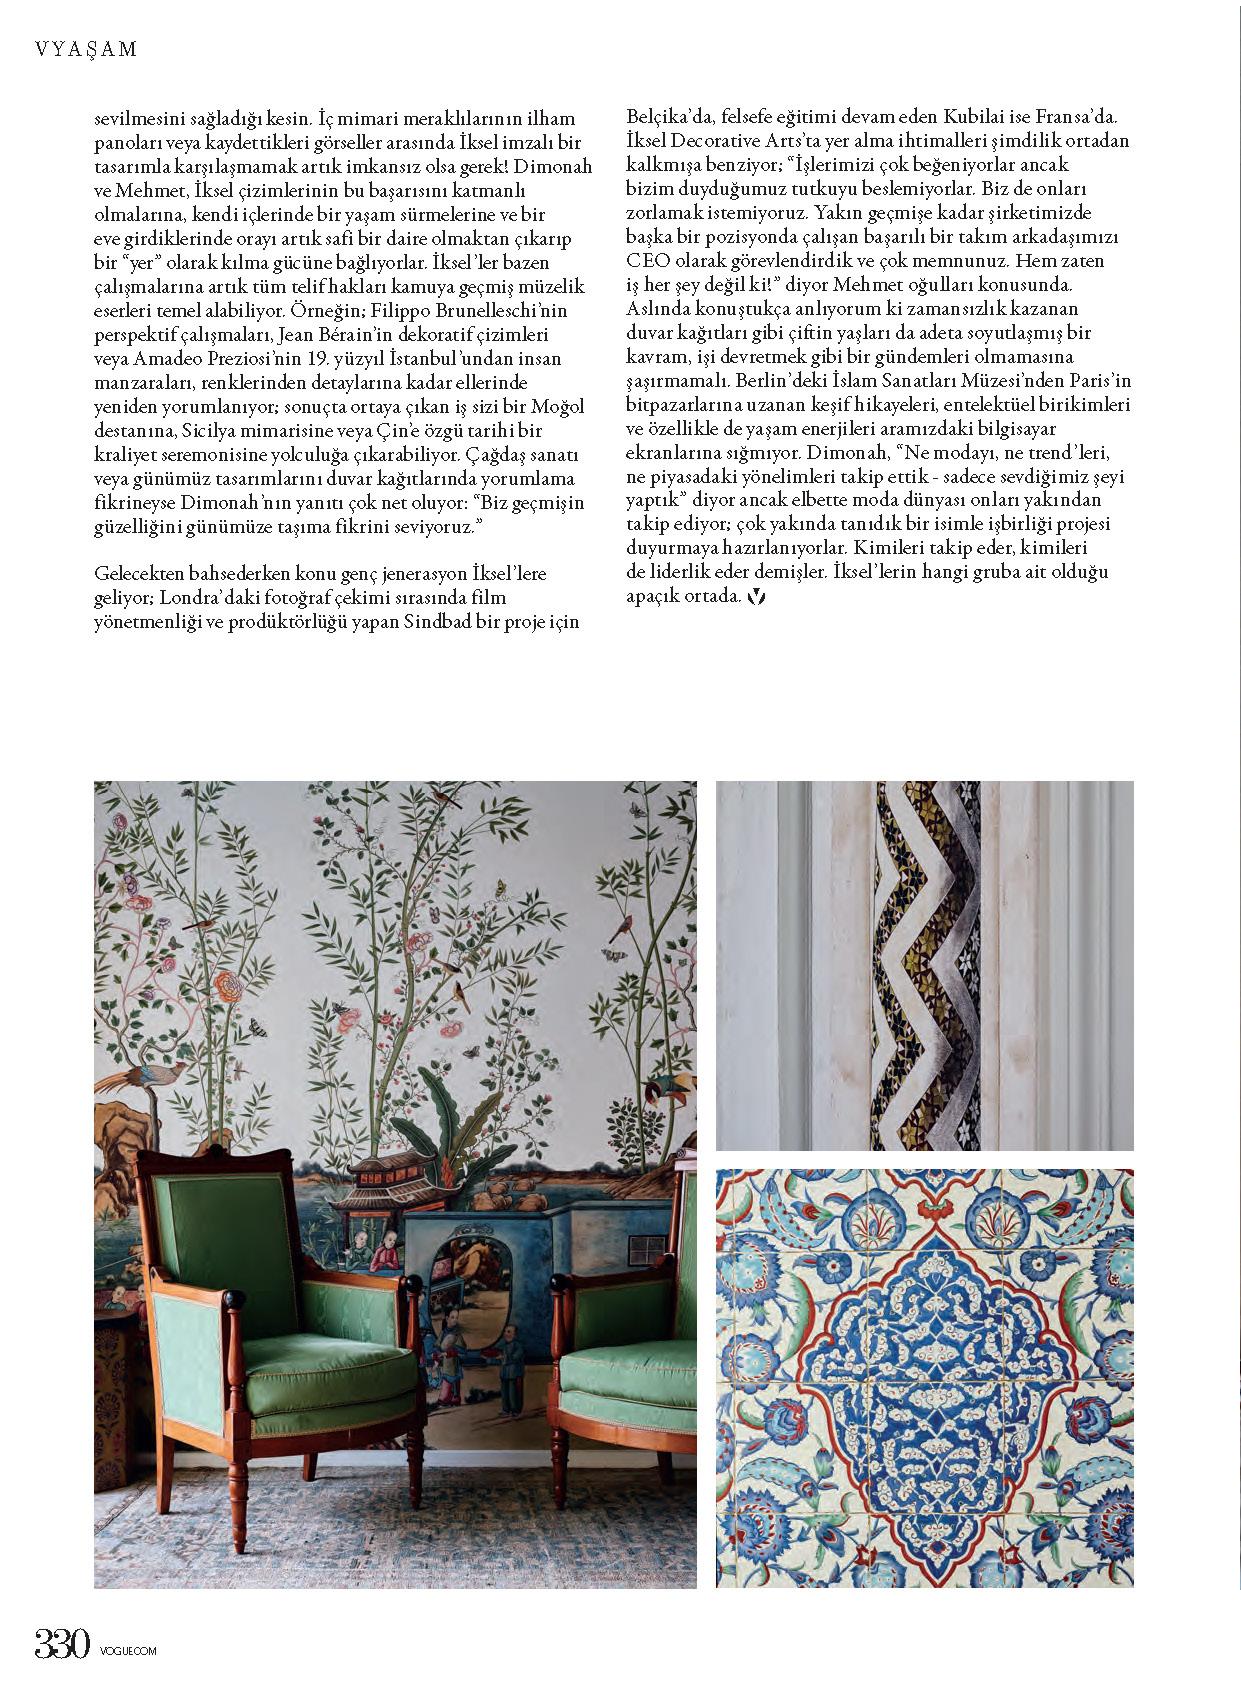 Vogue_Turkey_210327cropc_Page_6